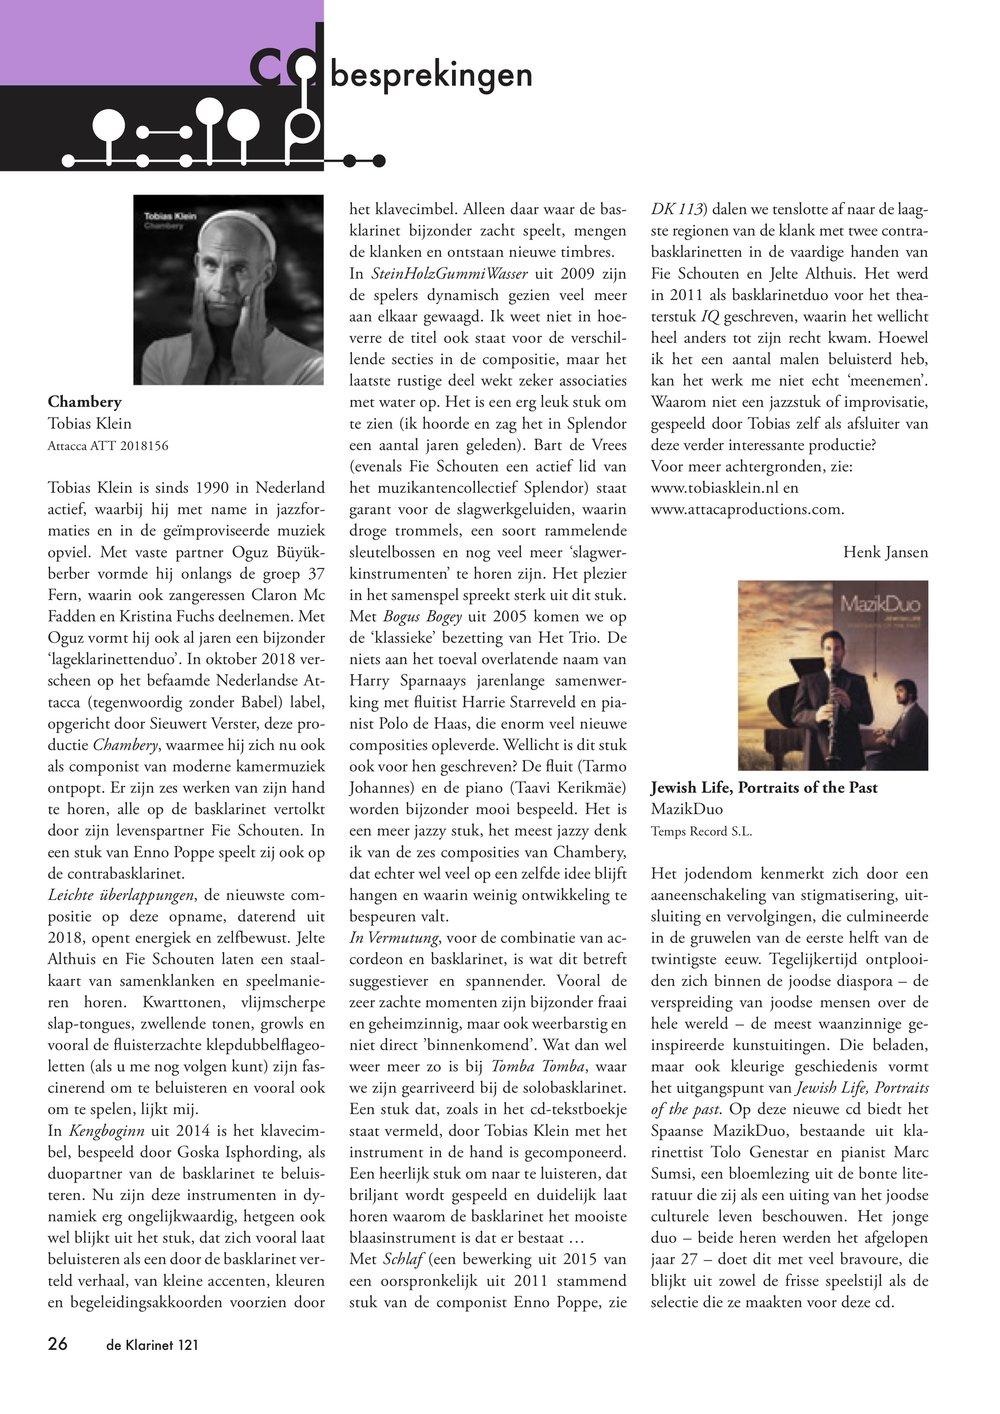 121CDbesprekingen - reviews.jpg